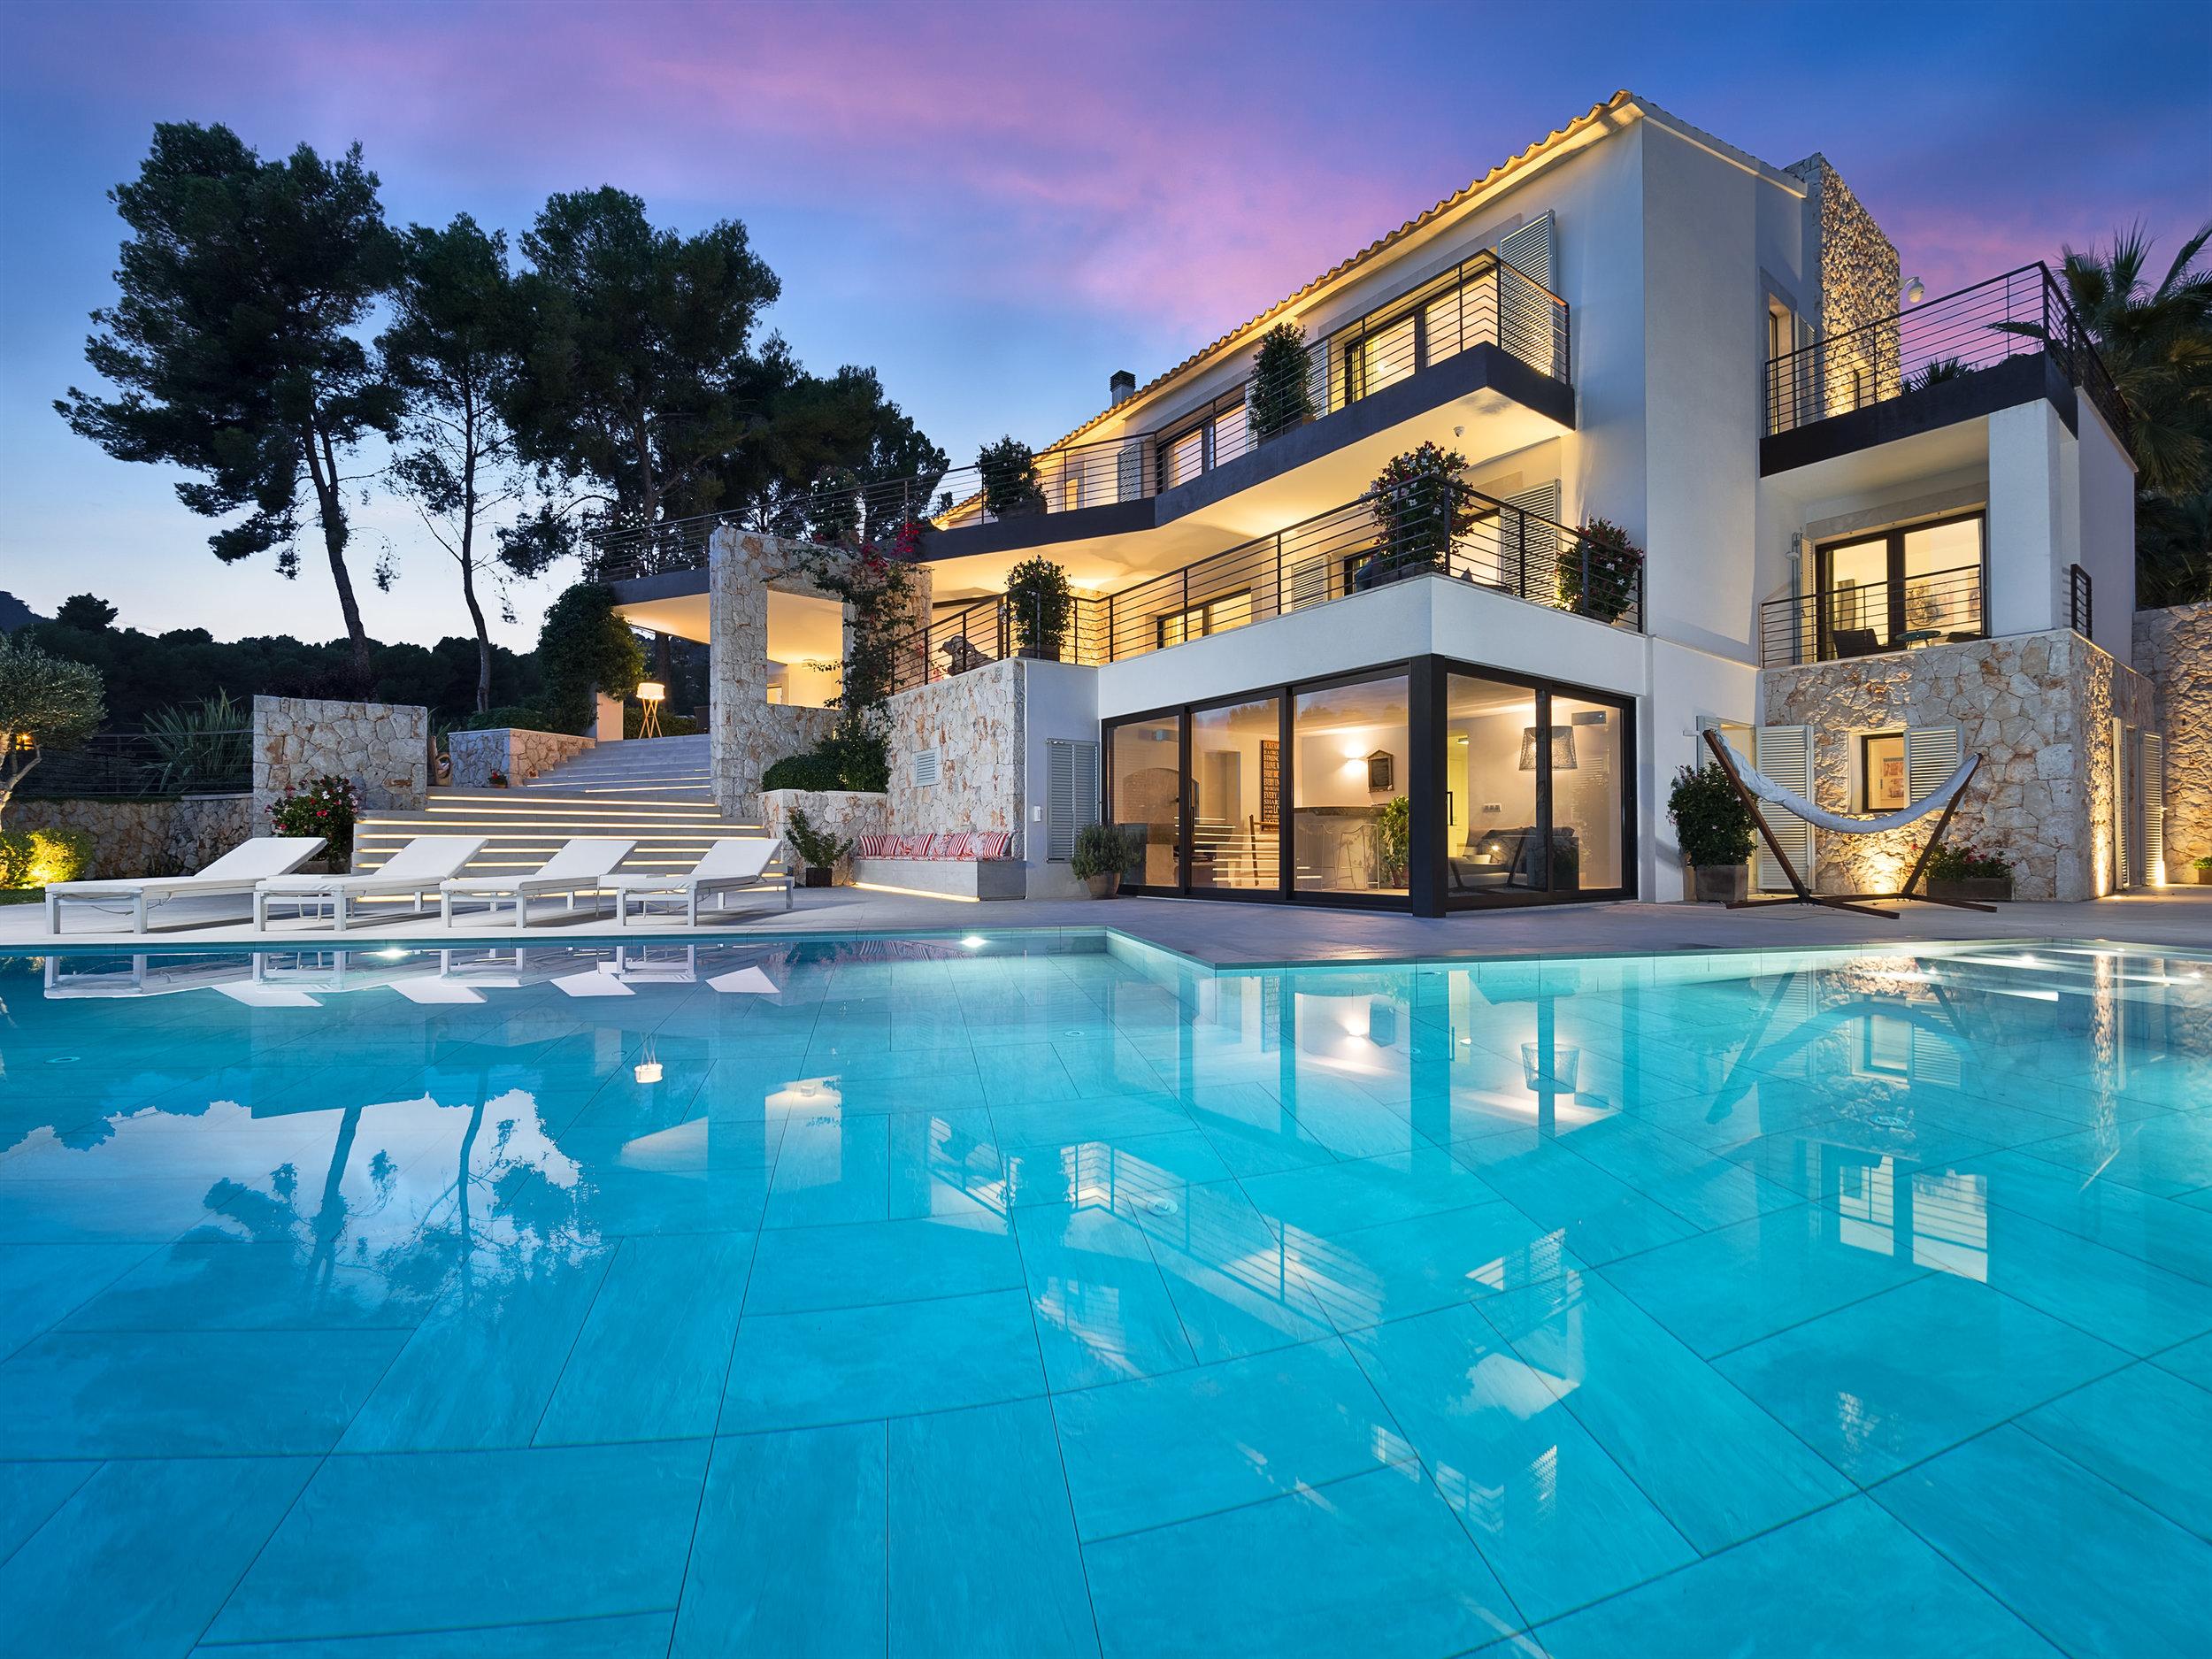 Marvellous Villa I, 2018